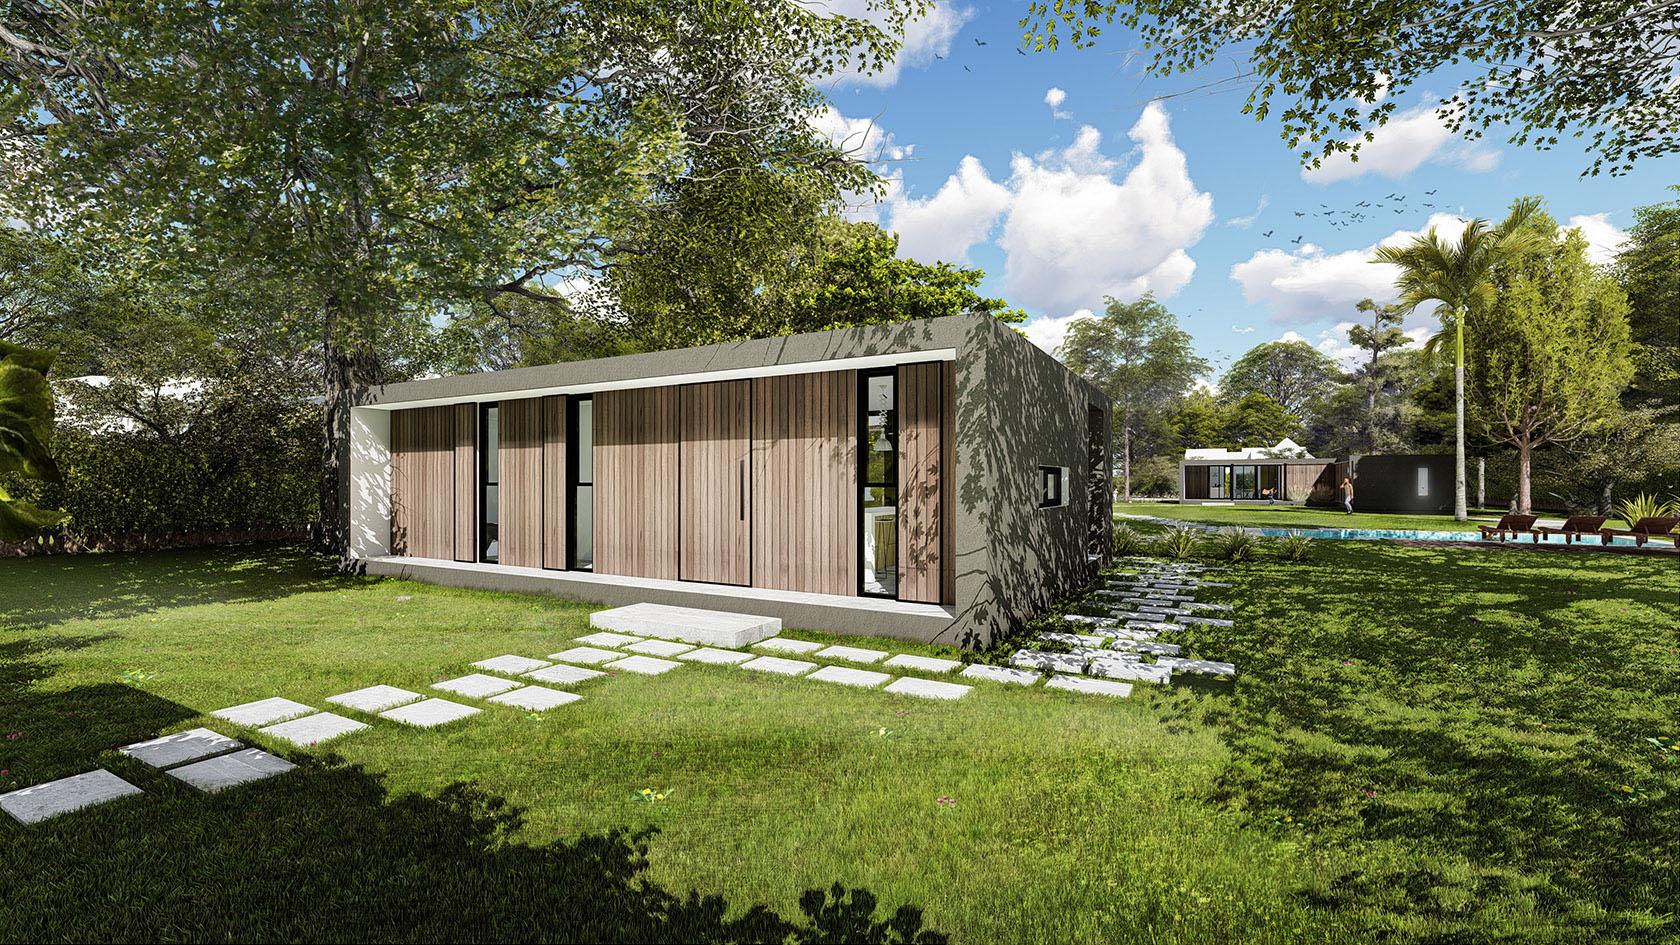 Casas modernas modulares, casas minimalistas con revestimientos cálidos